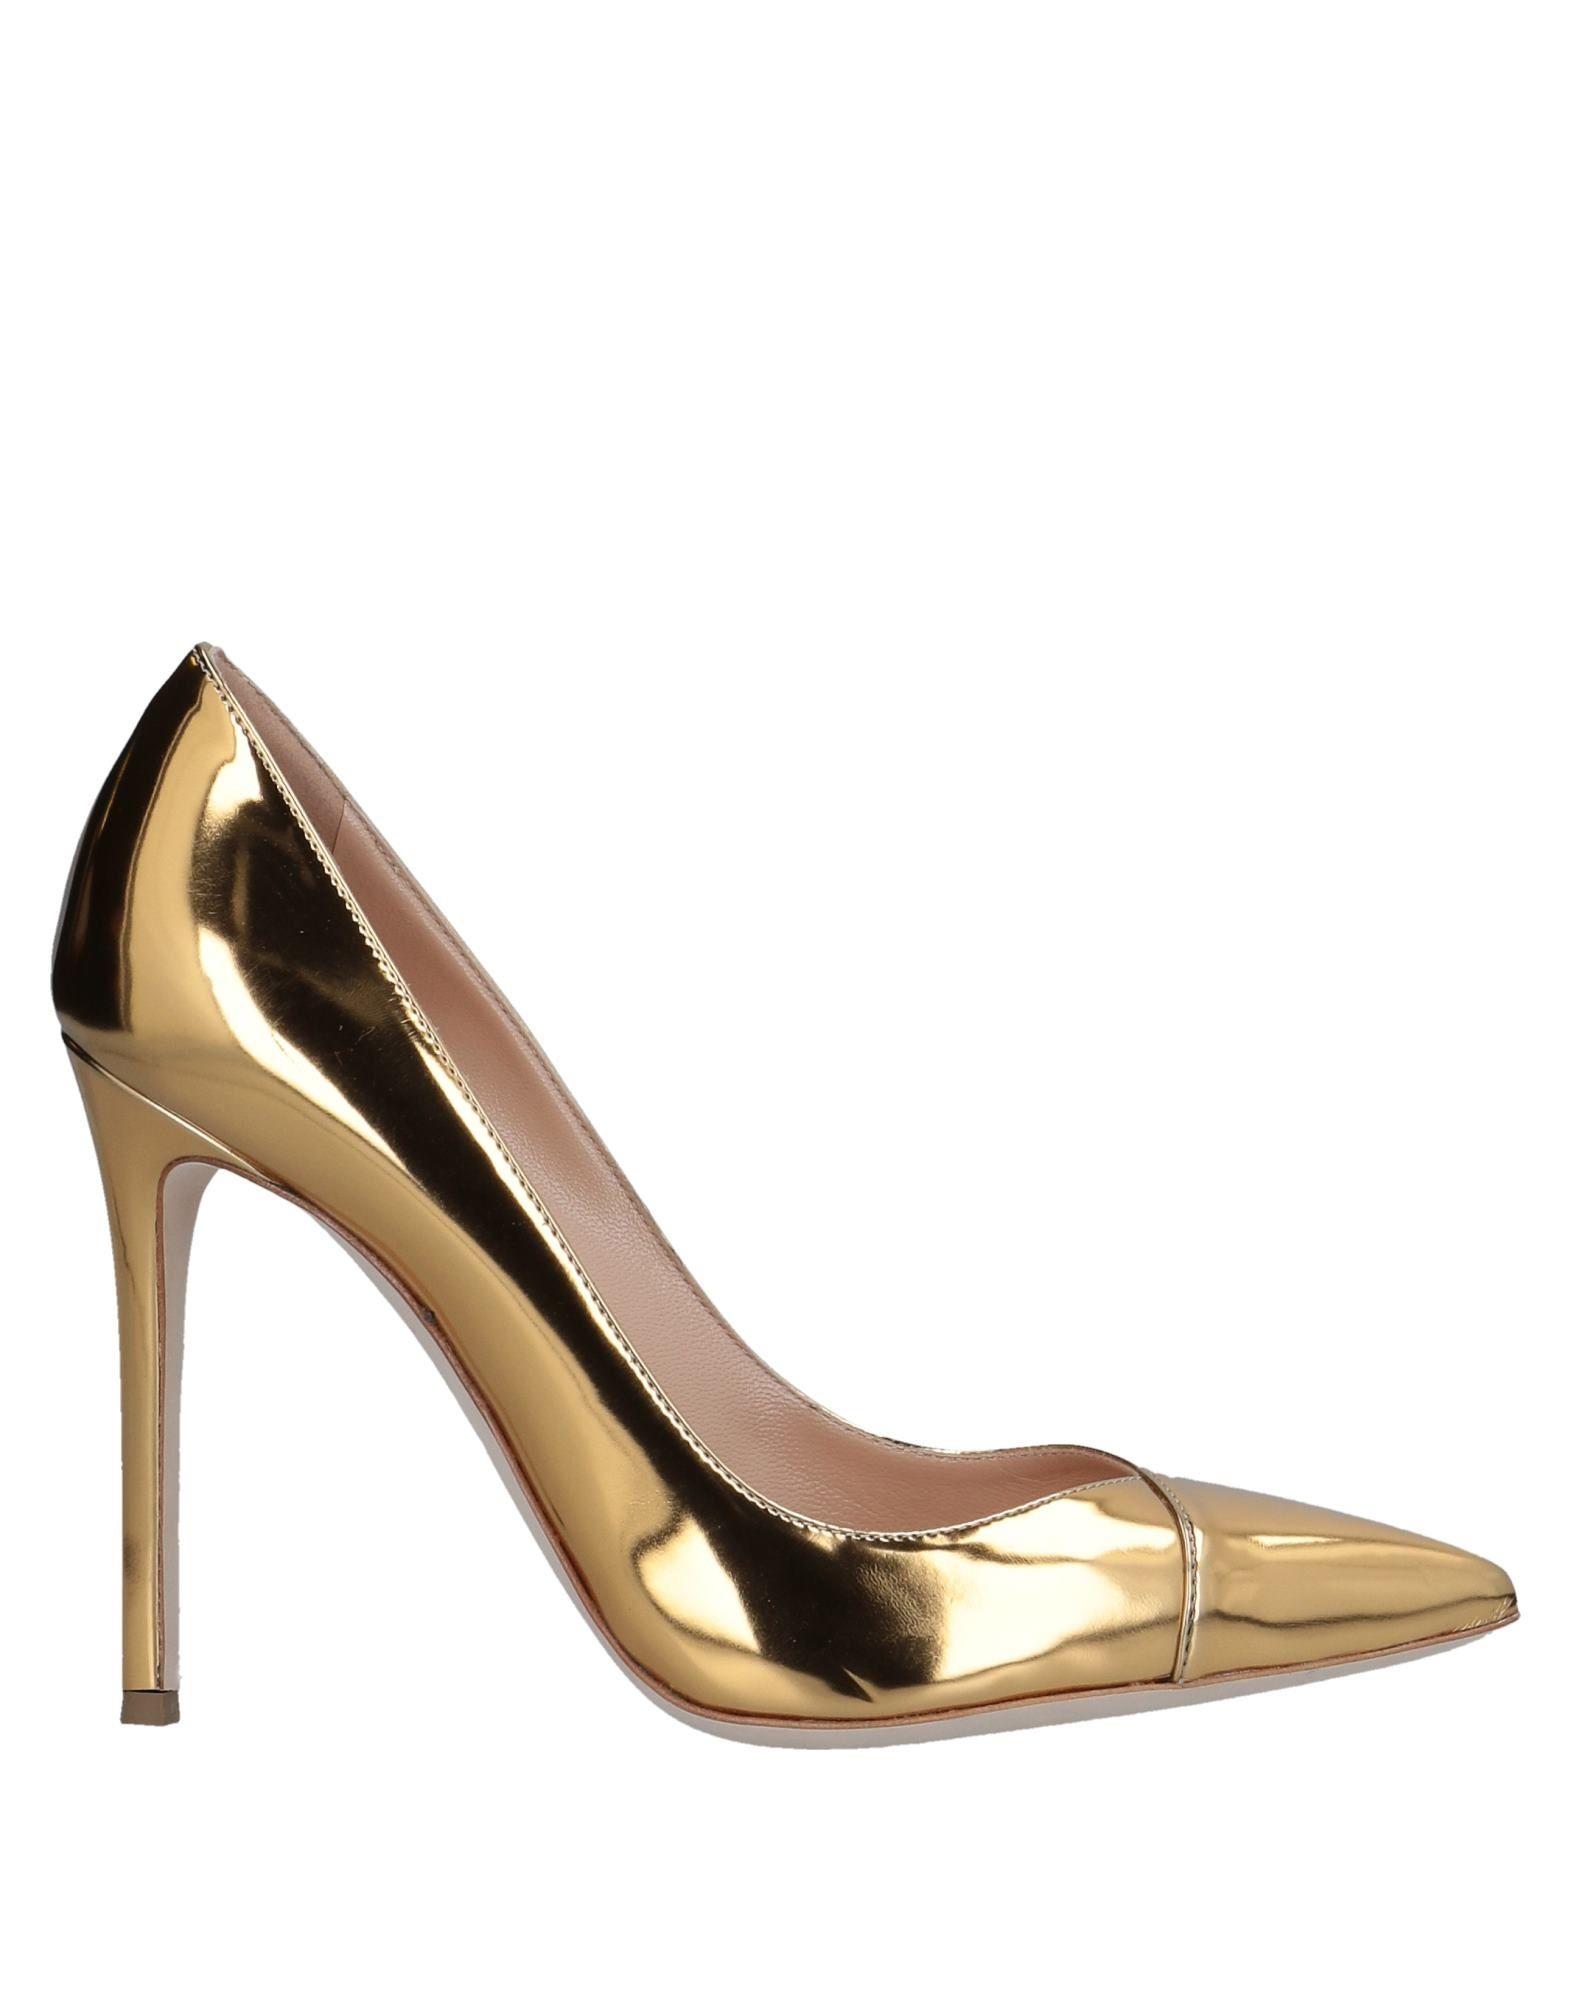 Rabatt Schuhe Lerre Pumps  Damen  Pumps 11508543LT 7cdf51